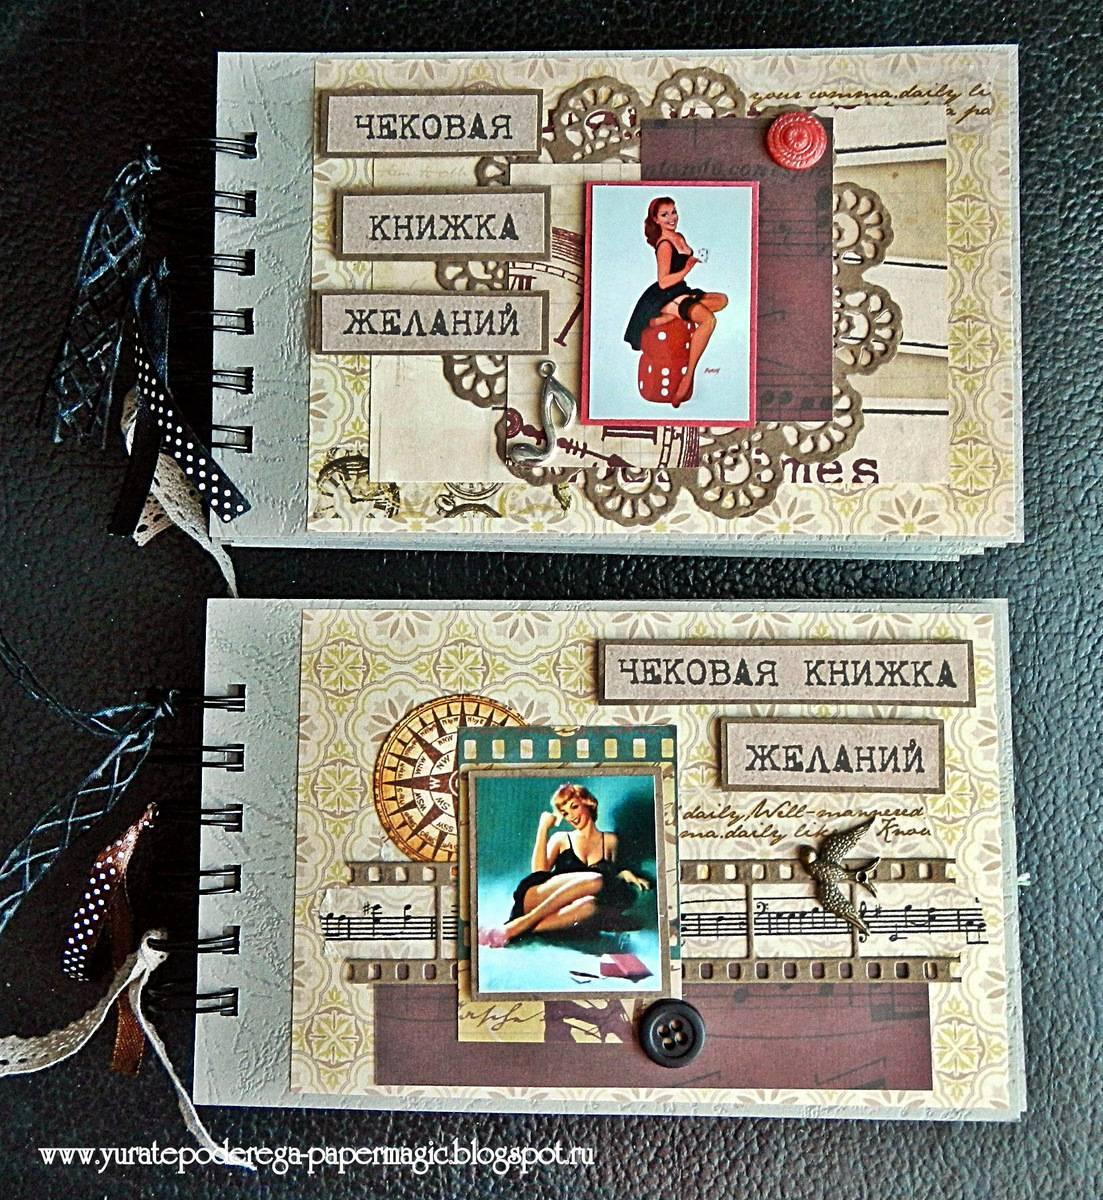 Оригинальный хэндмейд подарок: исполняем желания из «чековой книжки»